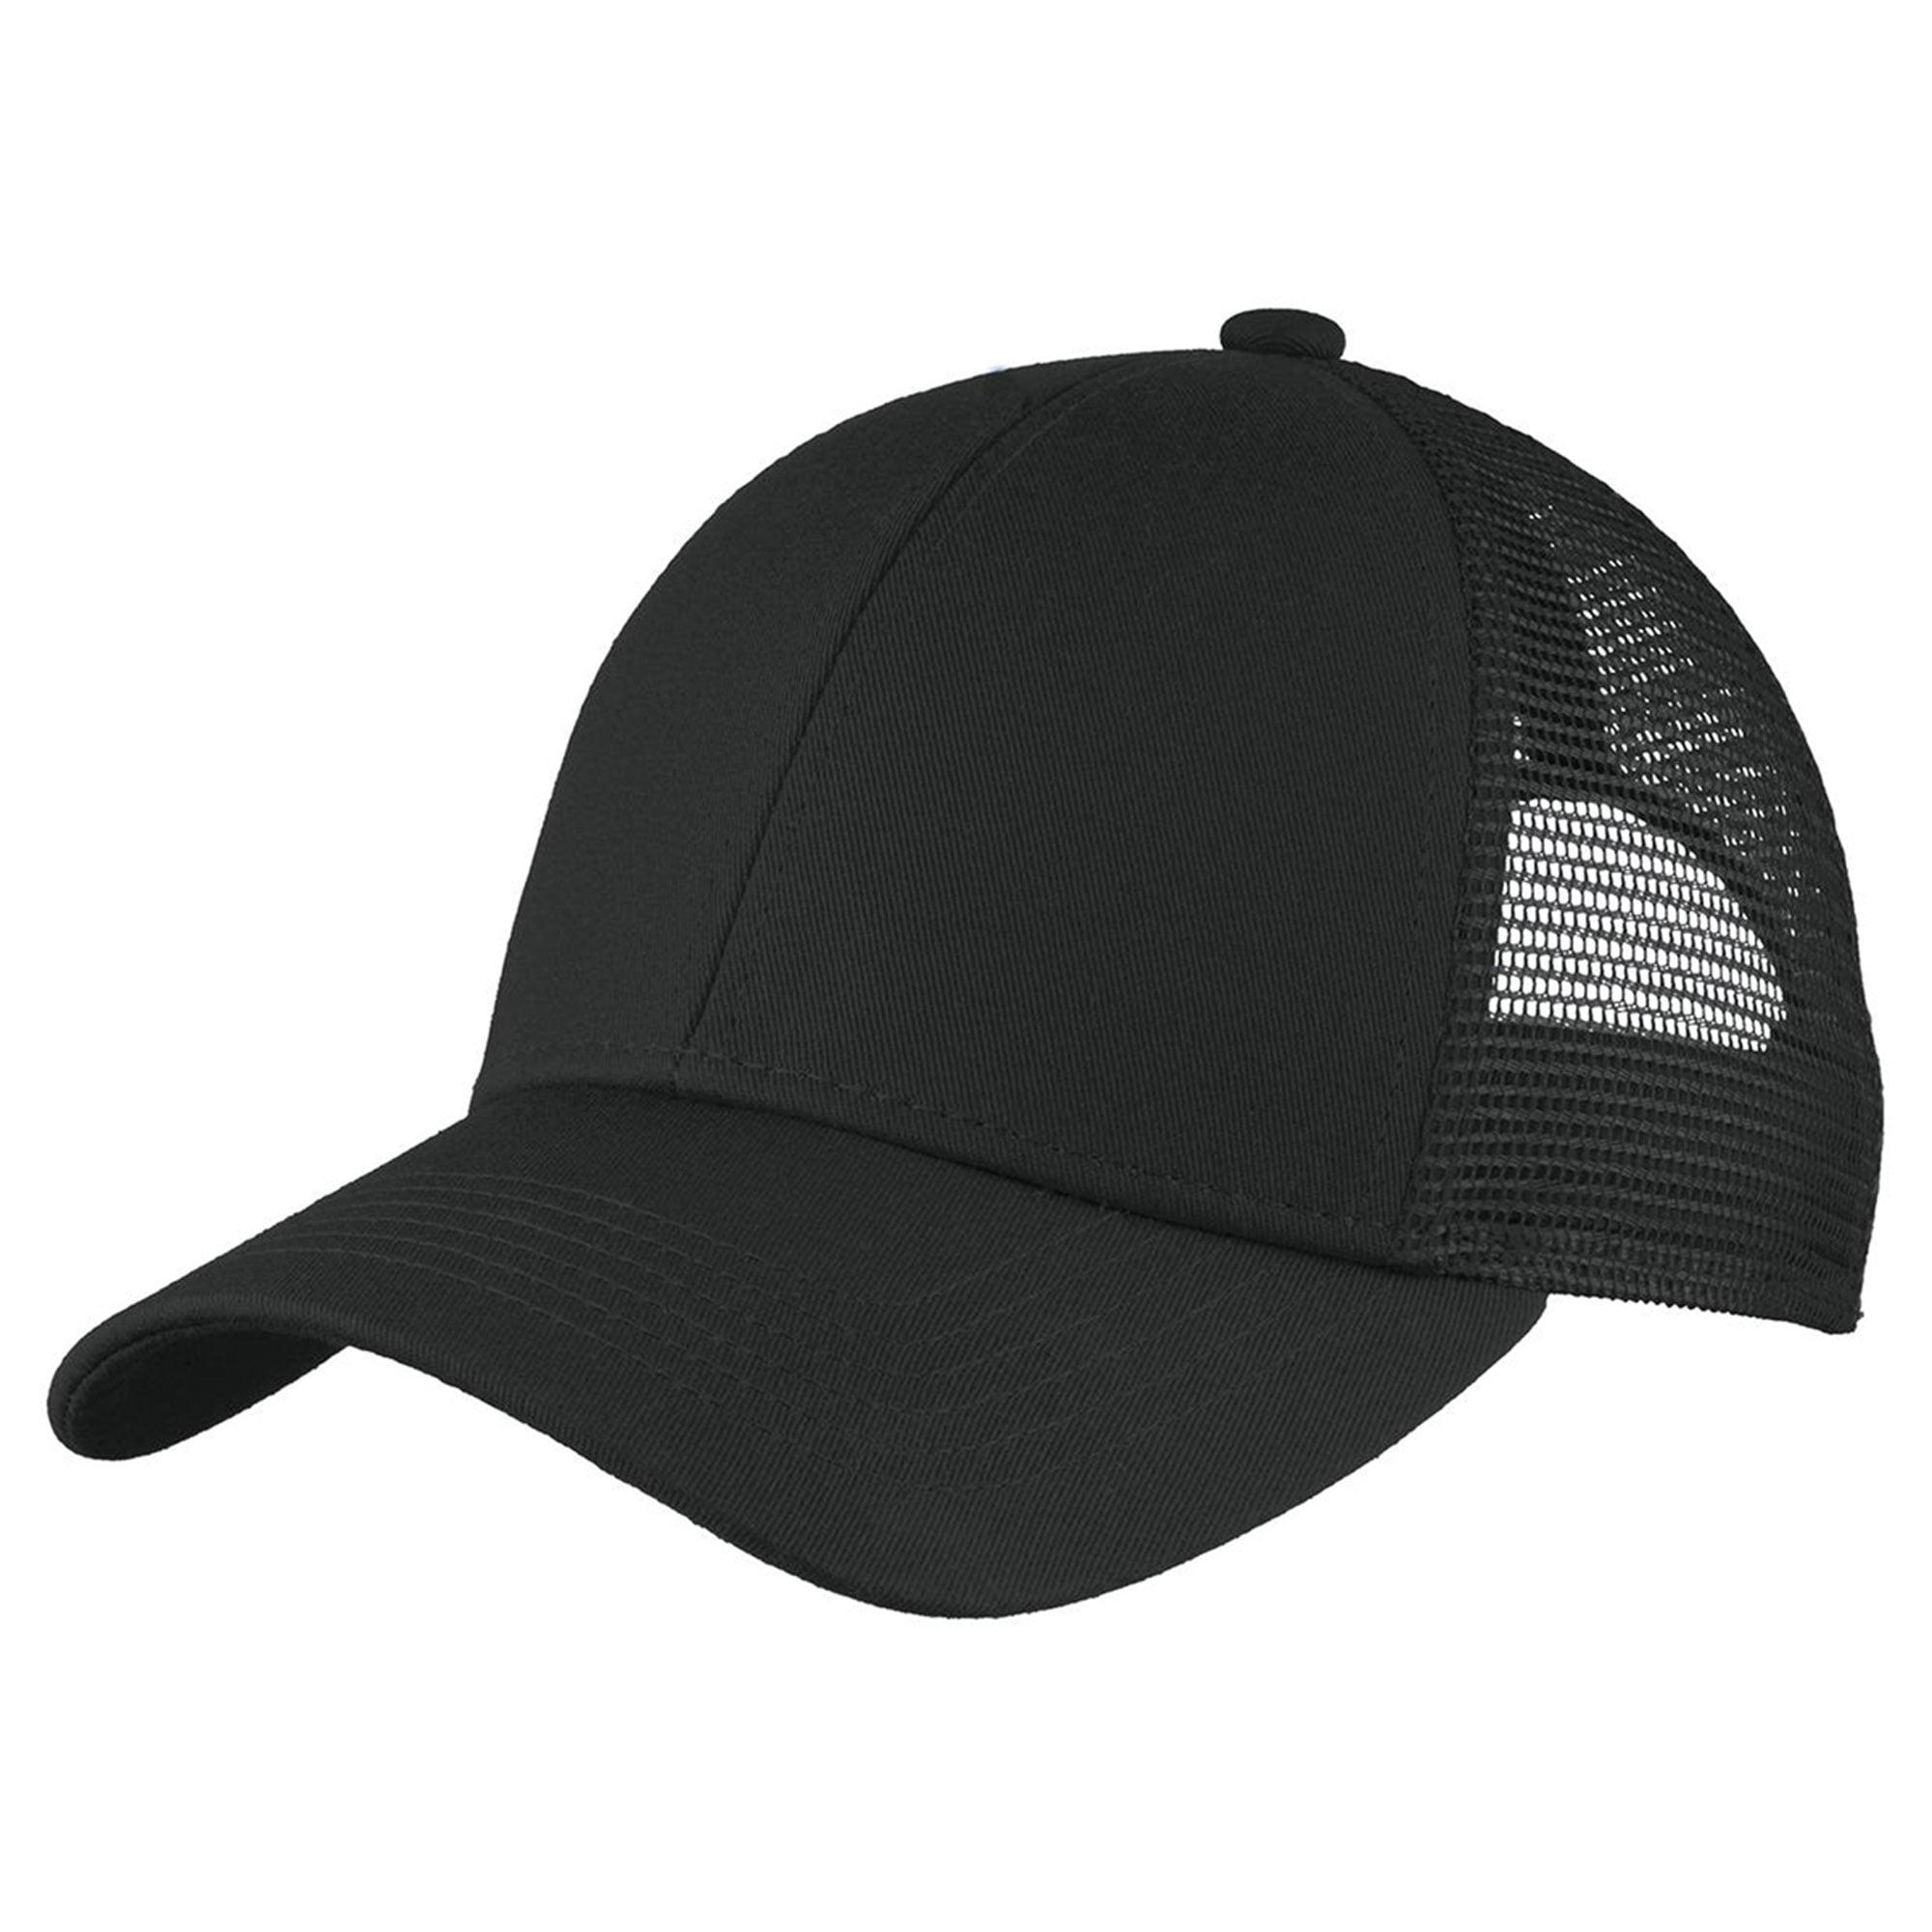 buy popular e080e c8998 norway fox racing honda standard flexfit hat 90522 229bf  cheapest mens hats  walmart 0bc25 49d3d